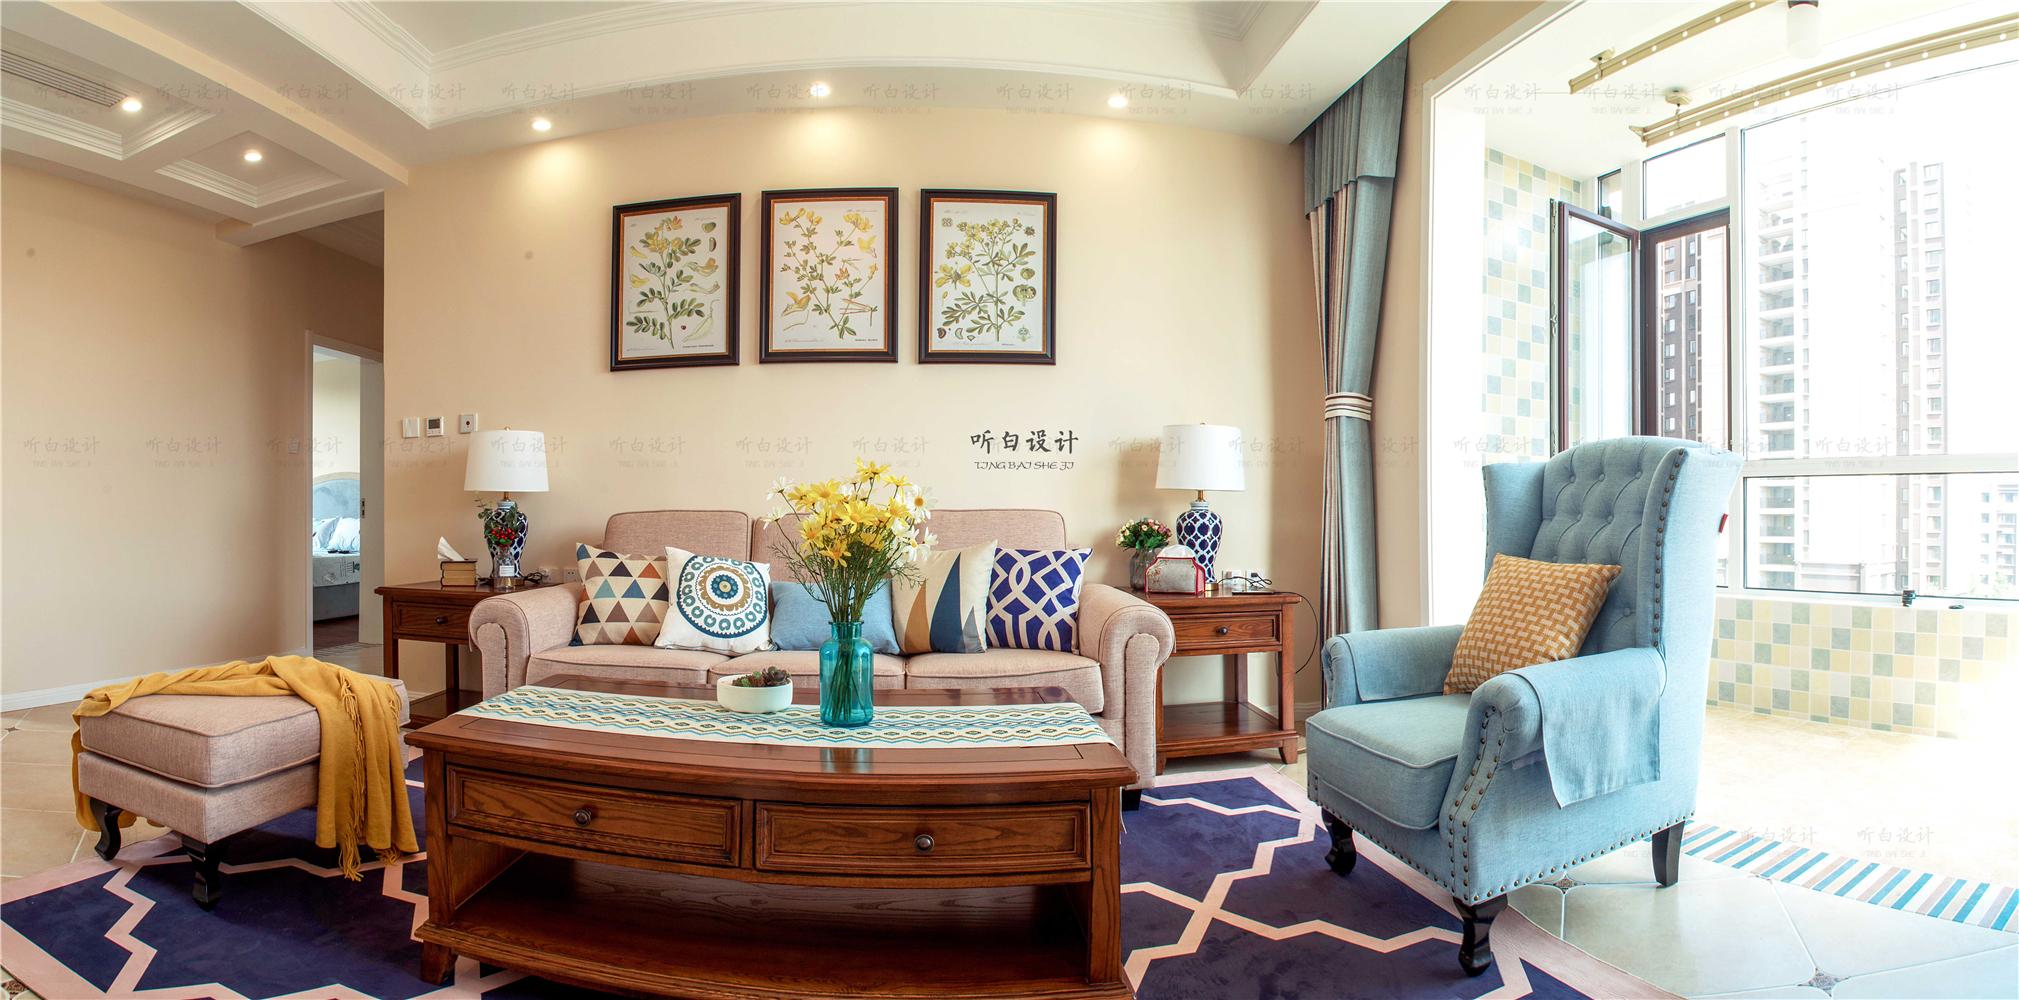 120平美式风格沙发背景墙装修效果图